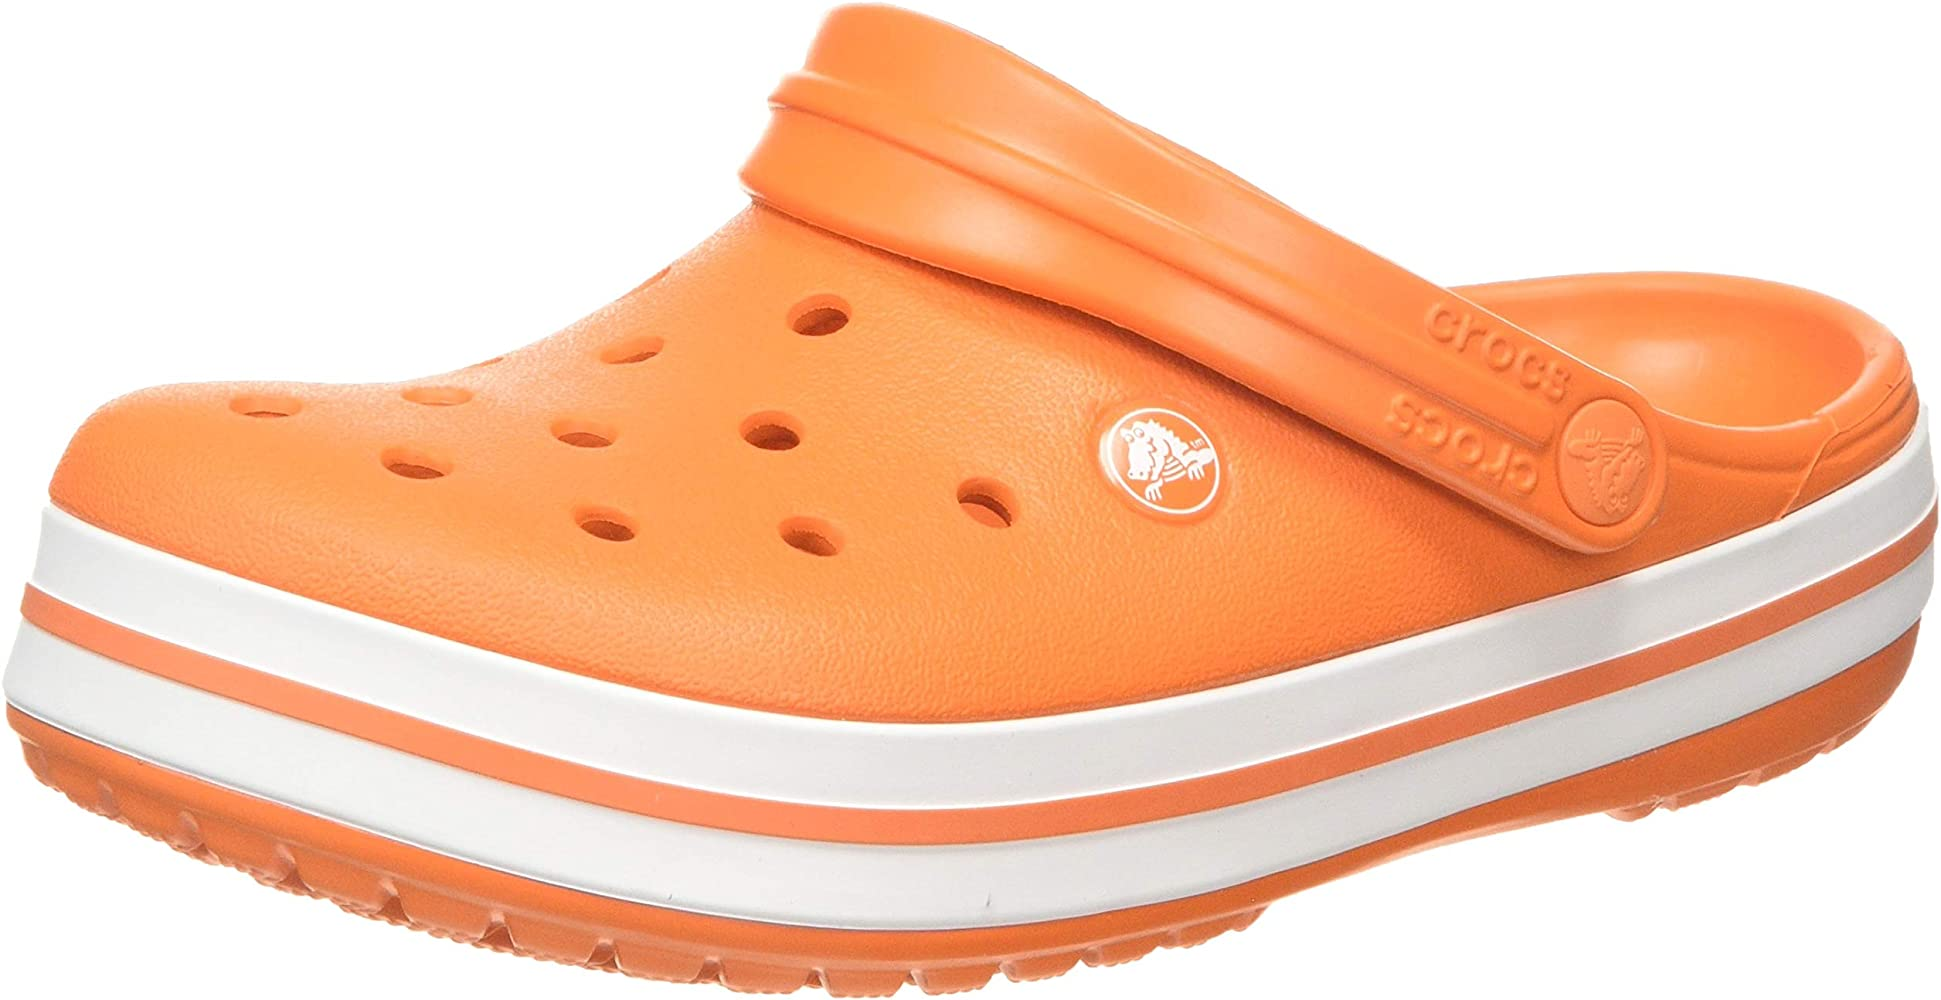 Crocs Crocband Zuecos Unisex Adulto